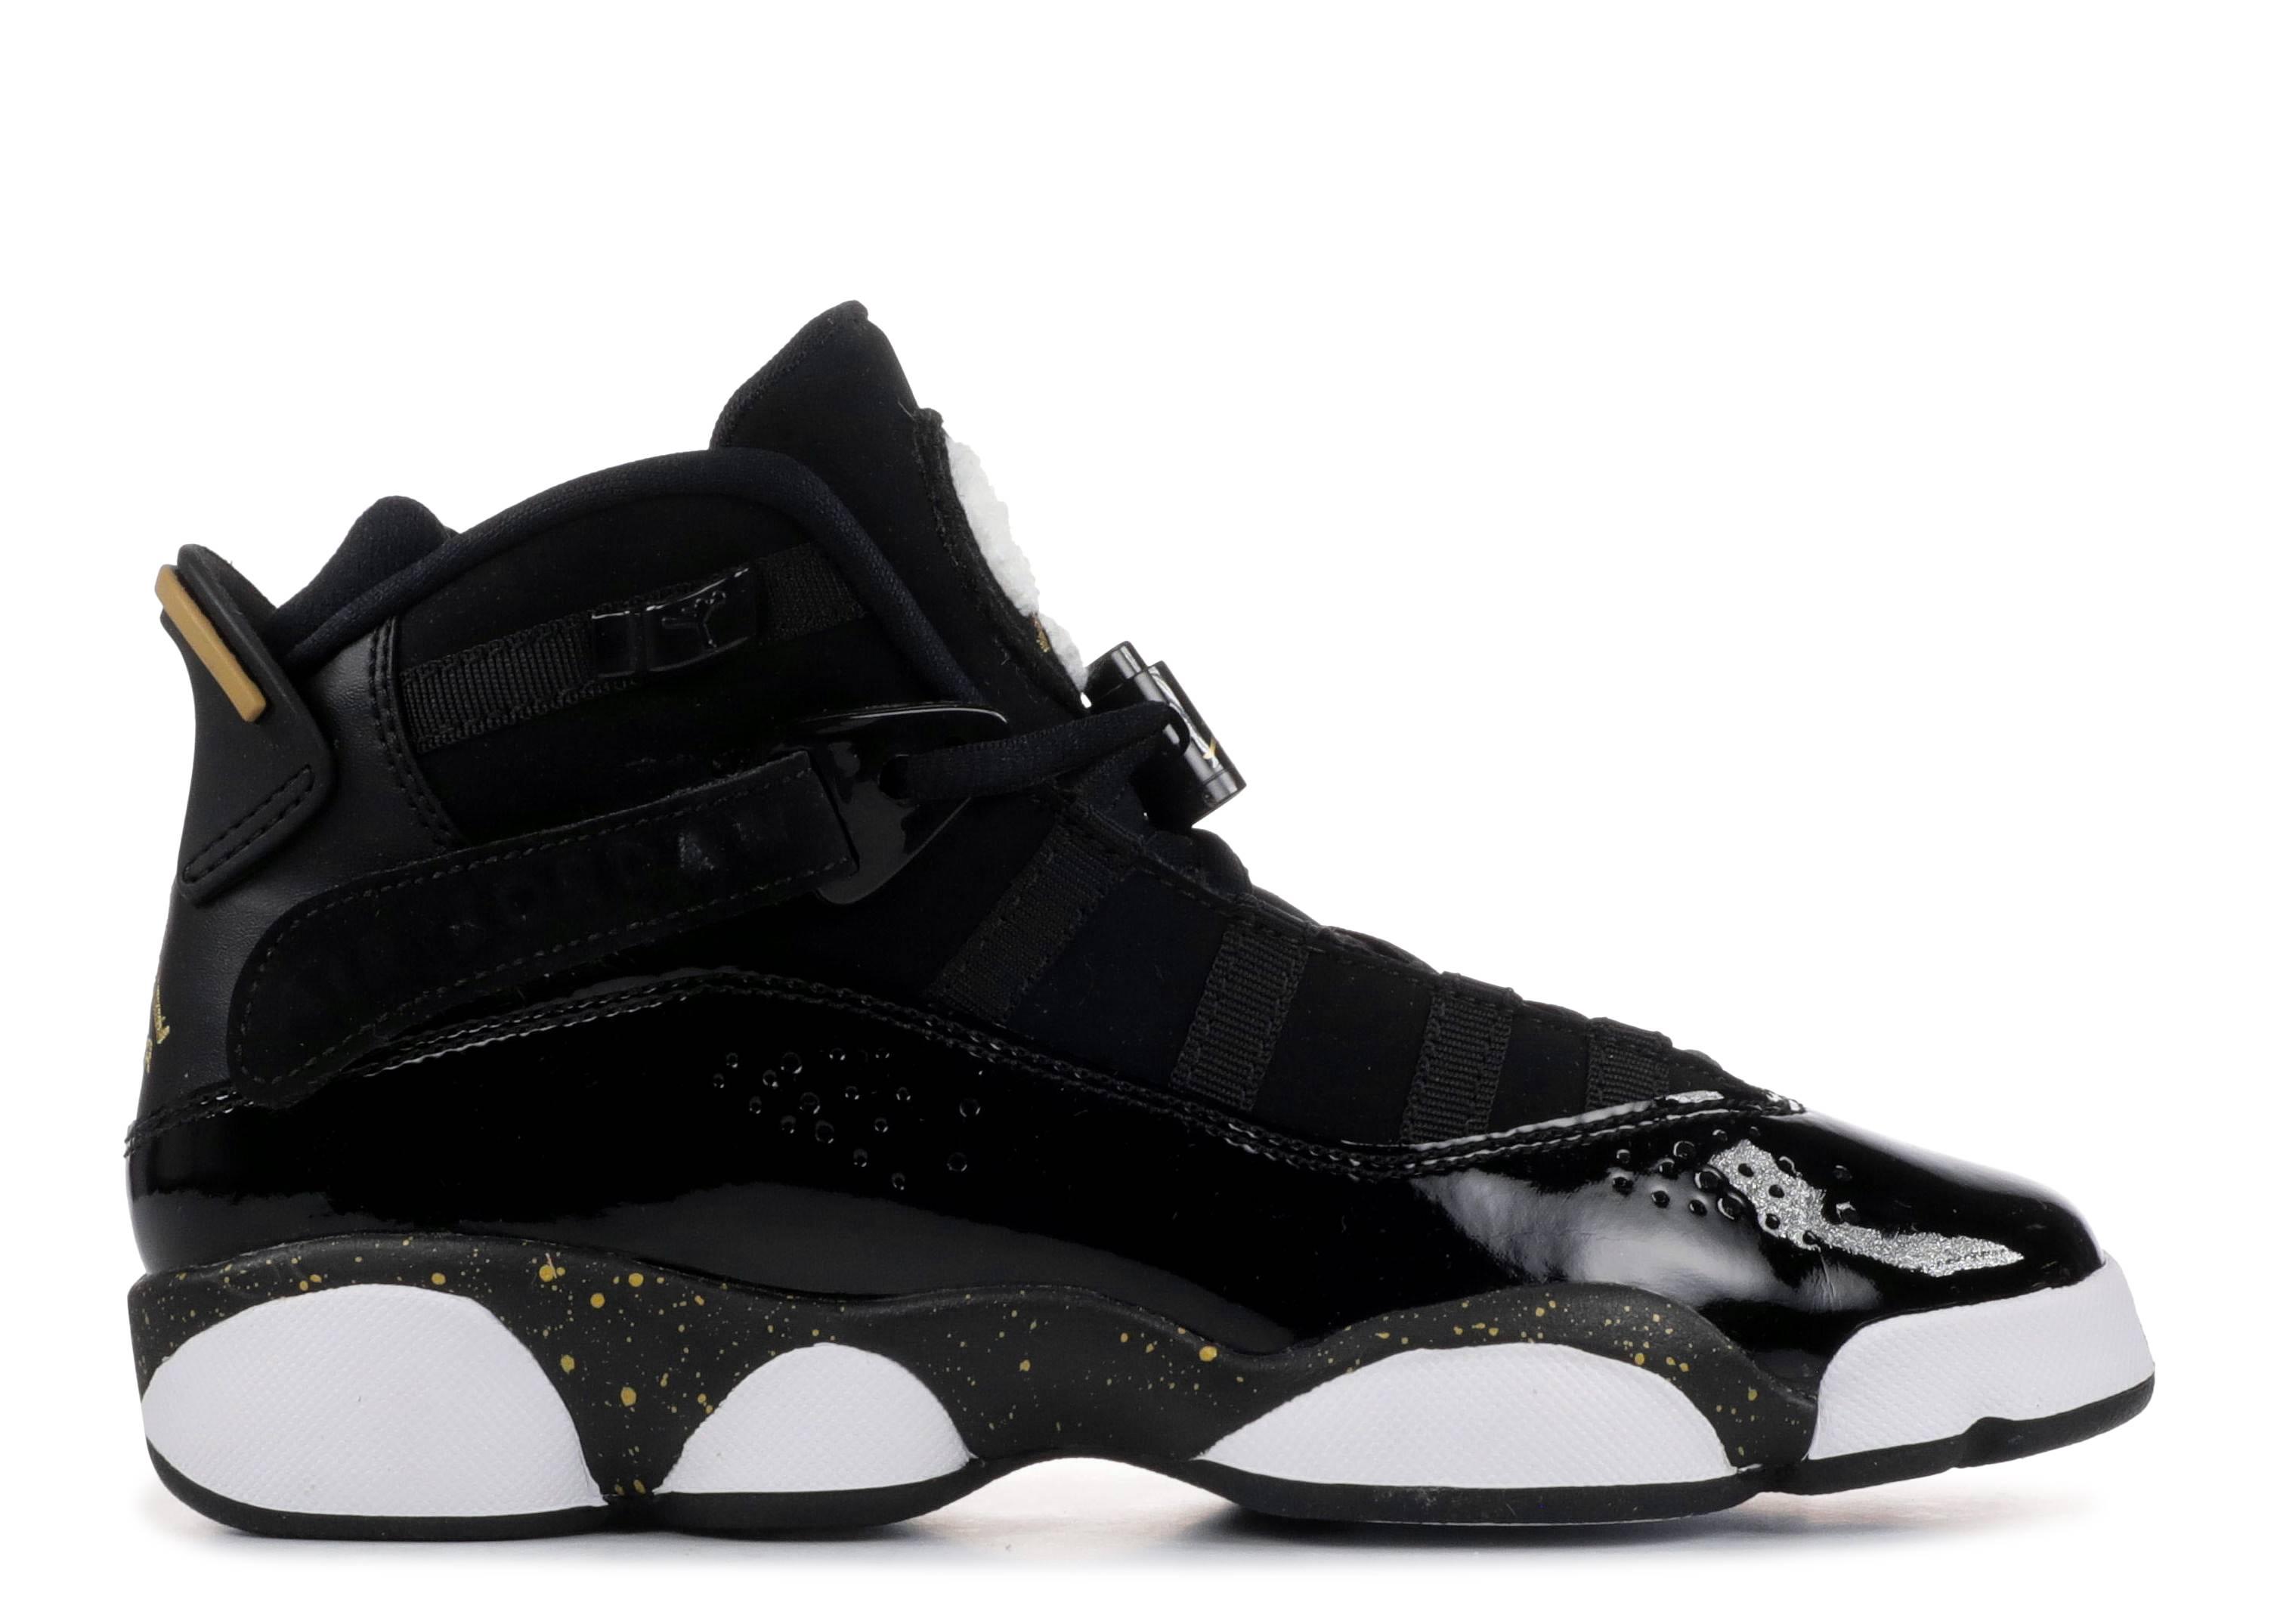 632dfa15af3 Jordan 6 Rings Gs - Air Jordan - 323419 007 - black/metallic gold ...